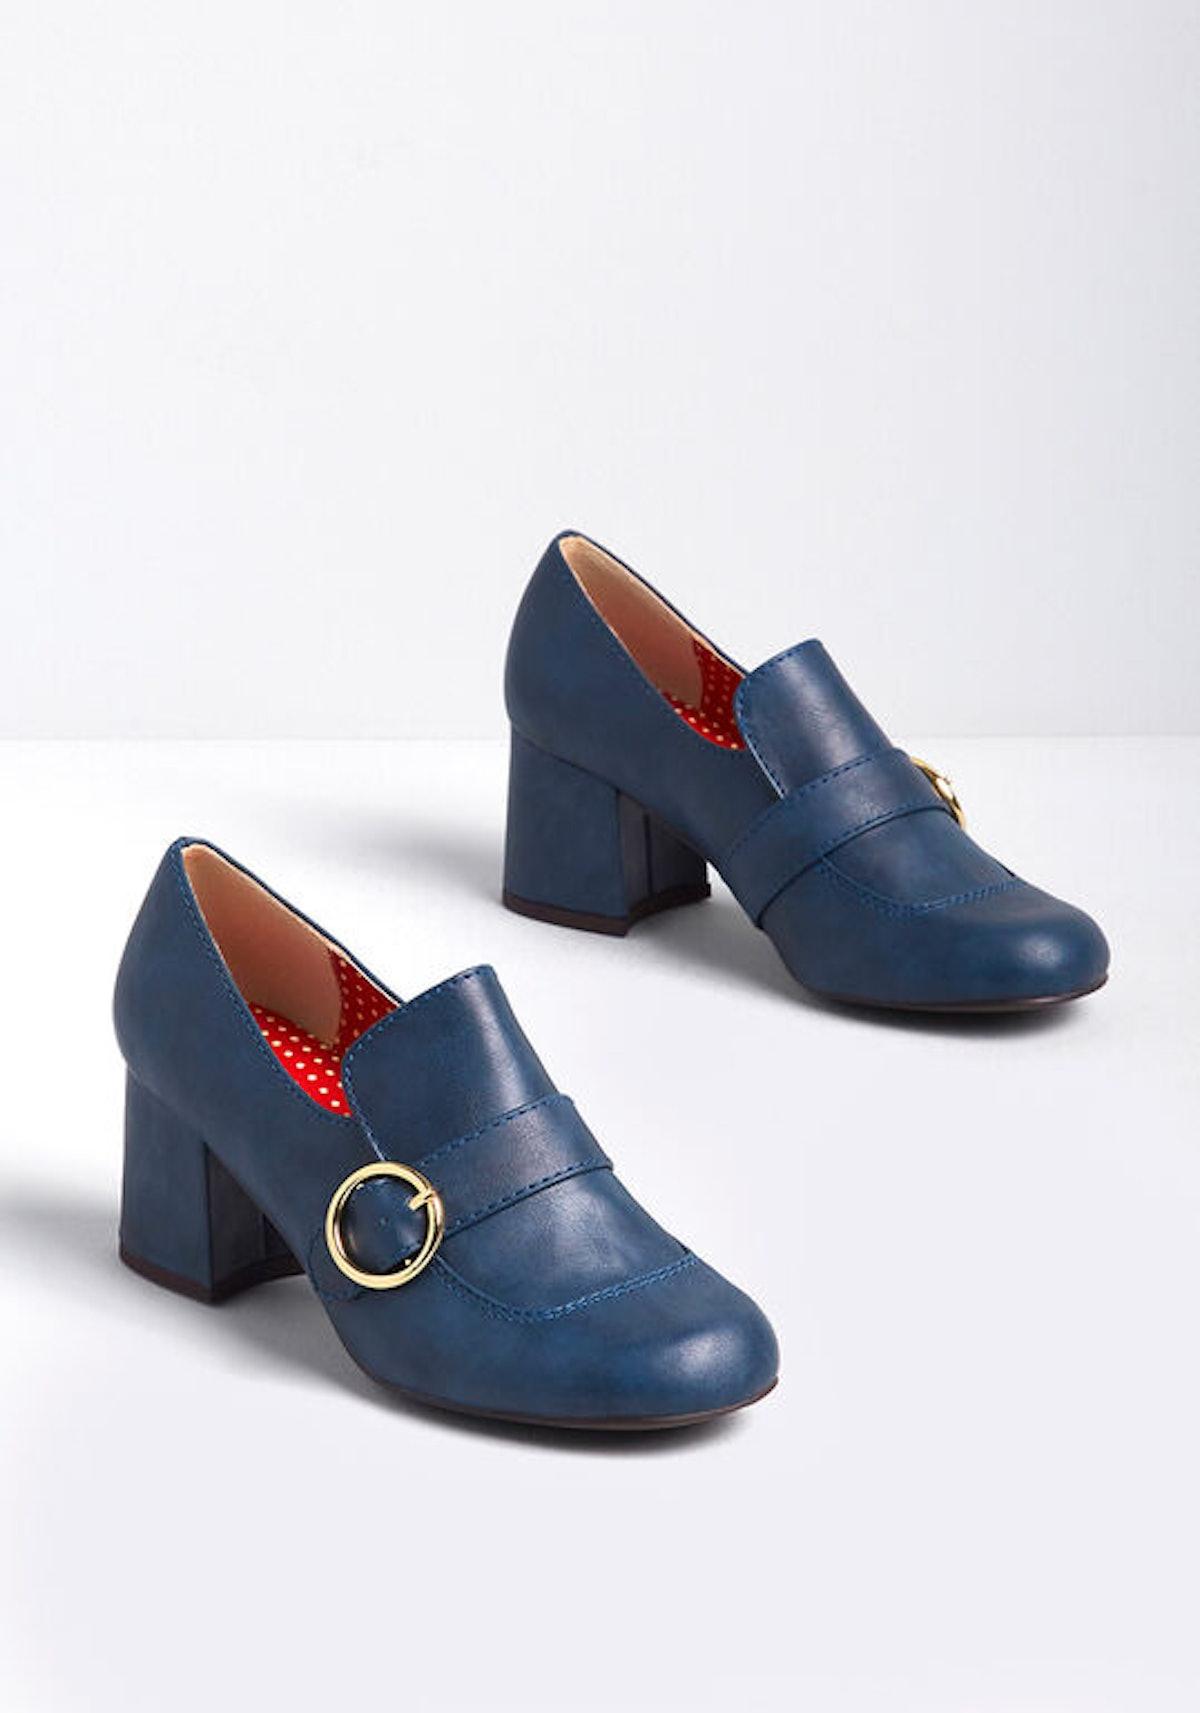 B.A.I.T Footwear A StylishAgenda Heeled Loafer